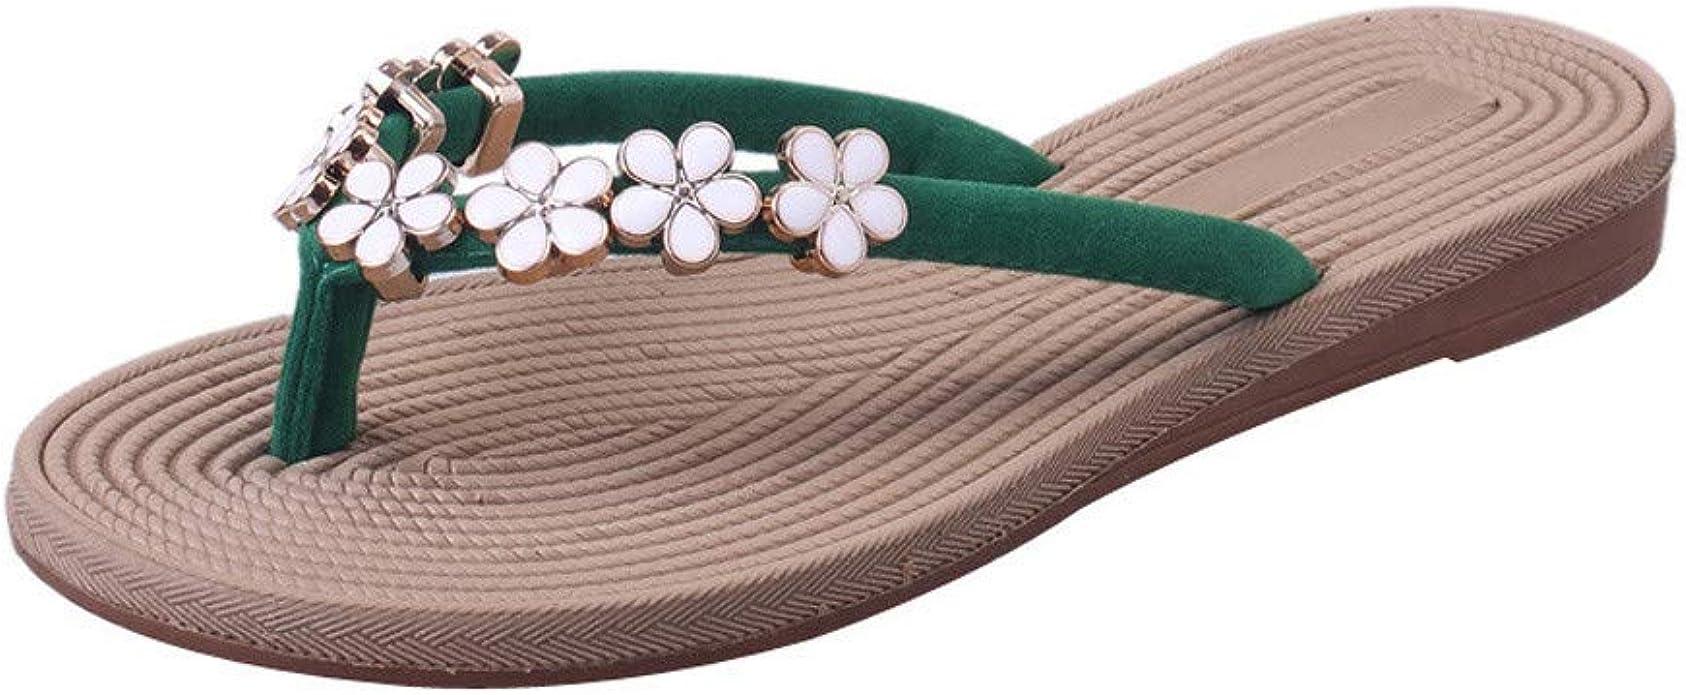 Alwayswin Damen Zehentrenner Böhmen Blumen Sommer Sandalen Flip Flops Badeschuhe Strandschuhe Frauen Elegant Slippers Outdoor Hausschuhe Schuhe Handtaschen